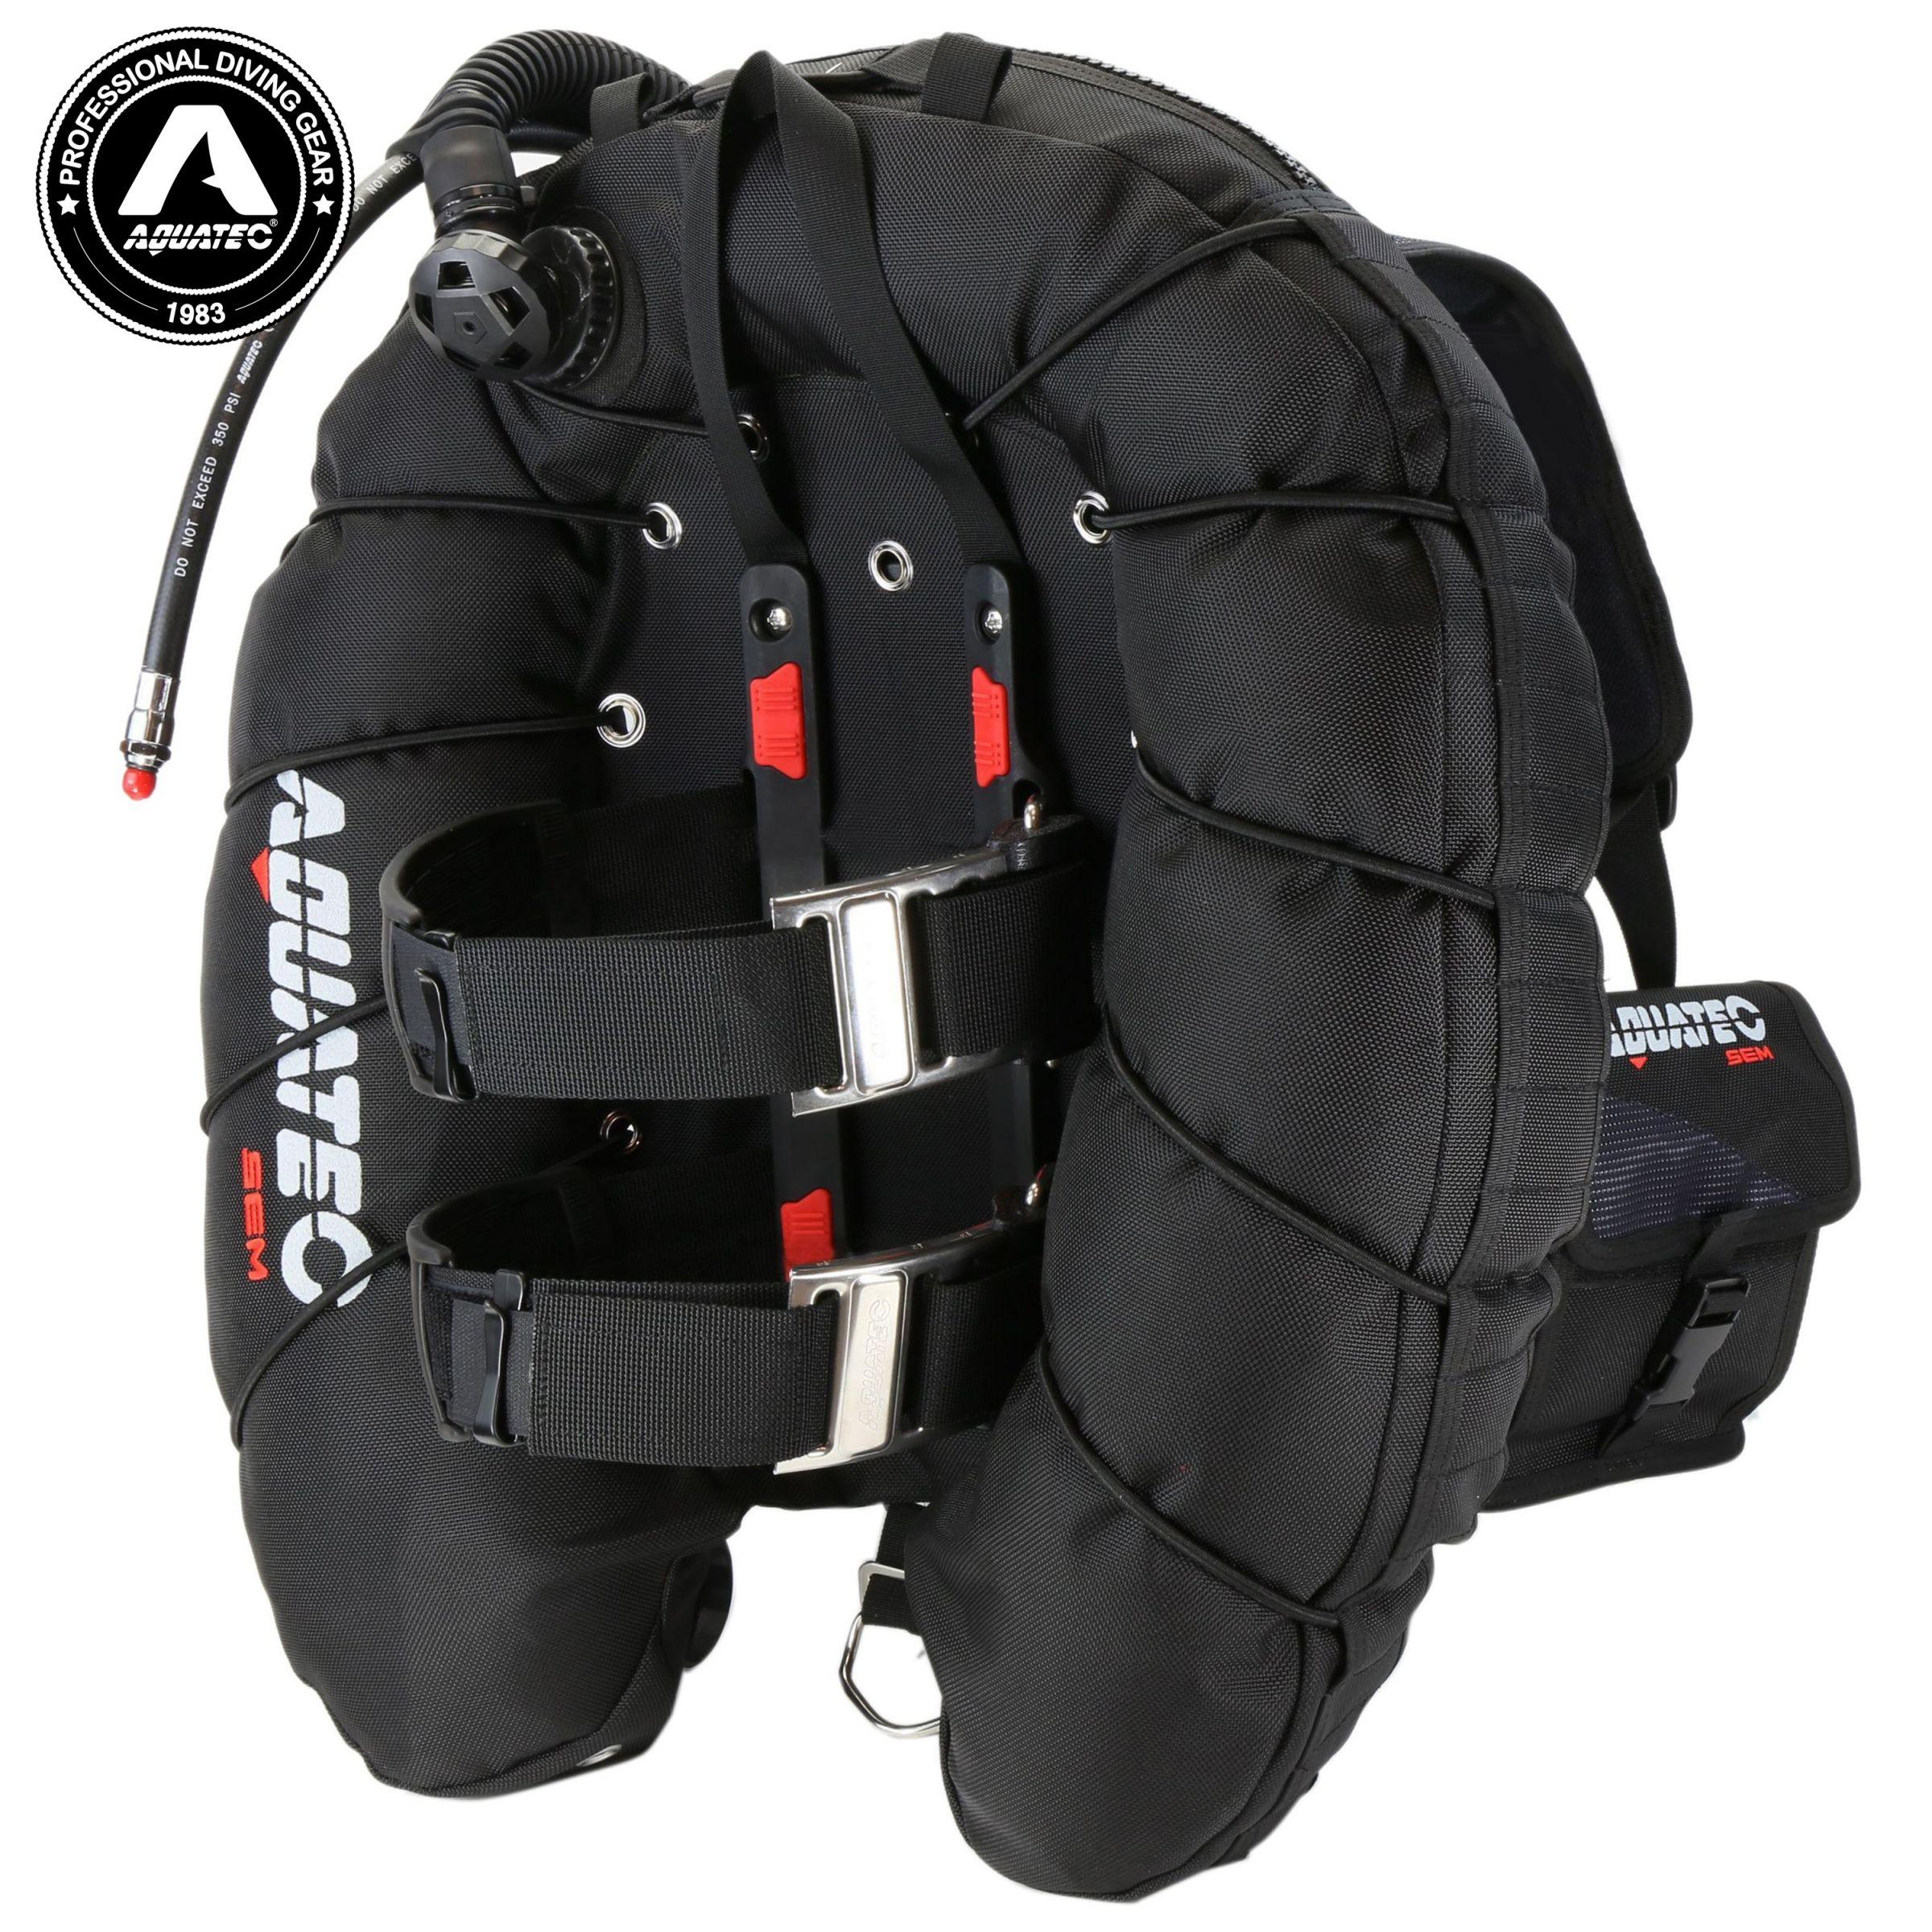 Kényelmes kábelköteg - BC-936 Comfort kábelköteg